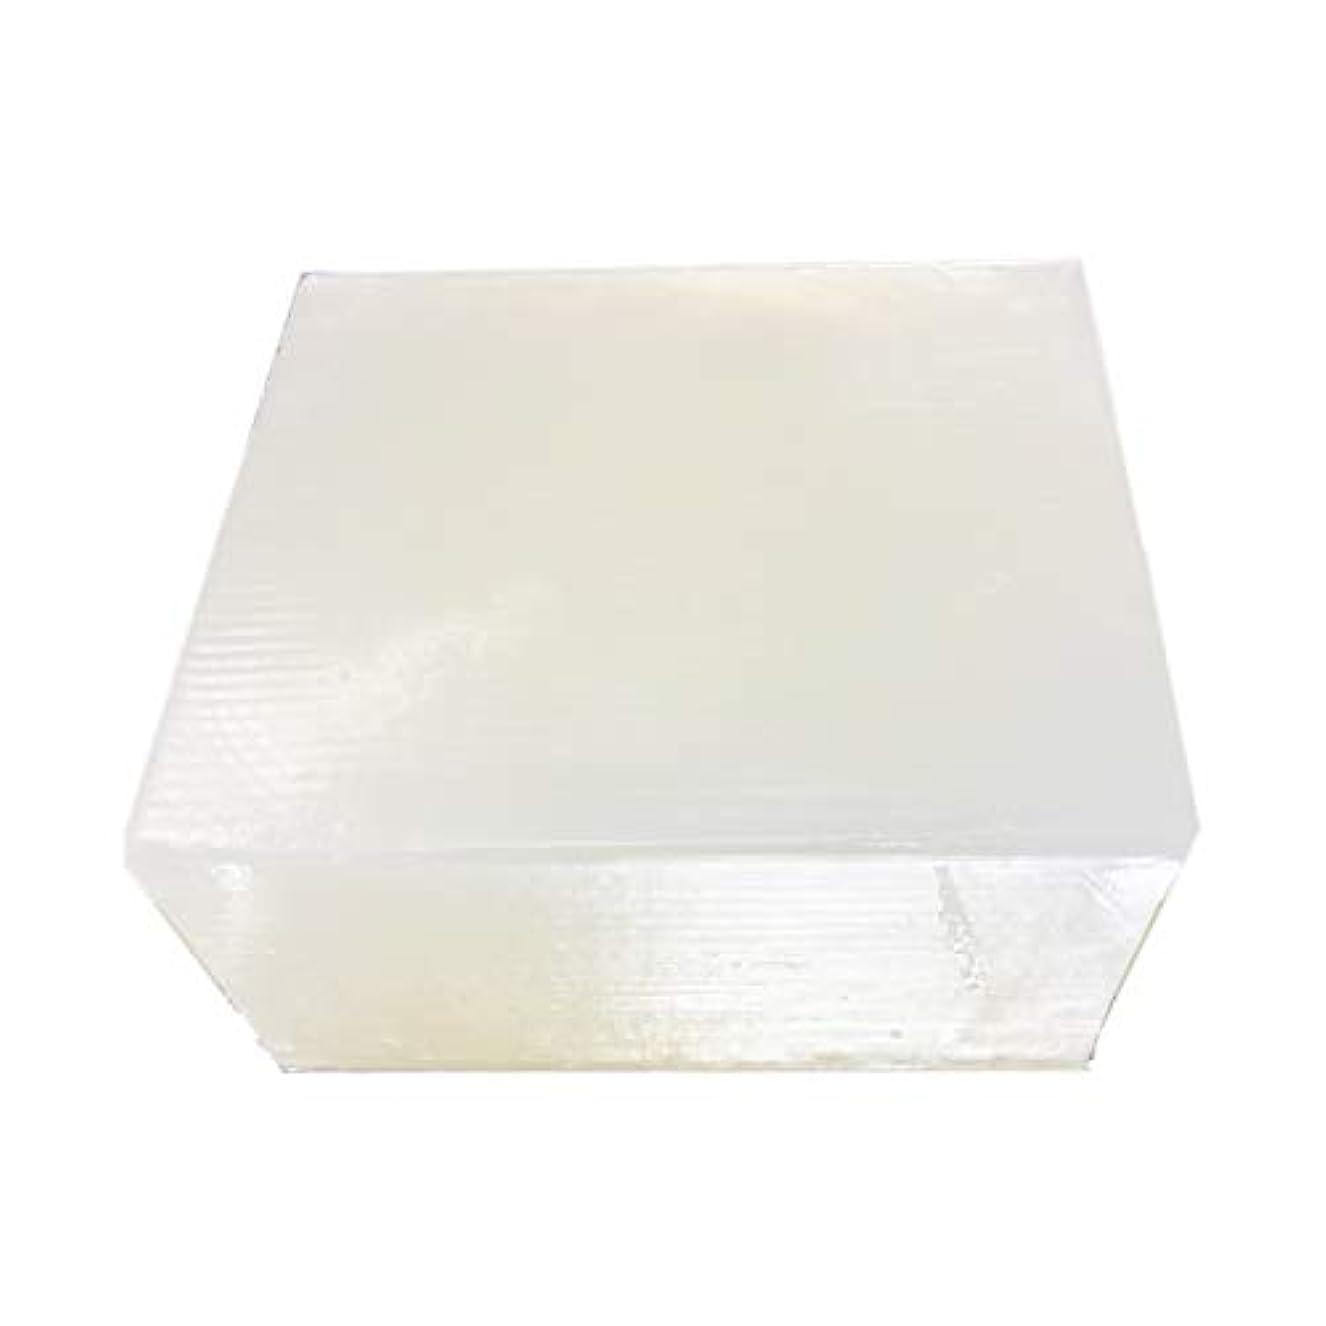 添加放つとティームグリセリンソープ(MPソープ)11.4kg(11,400g?1塊り)クリア